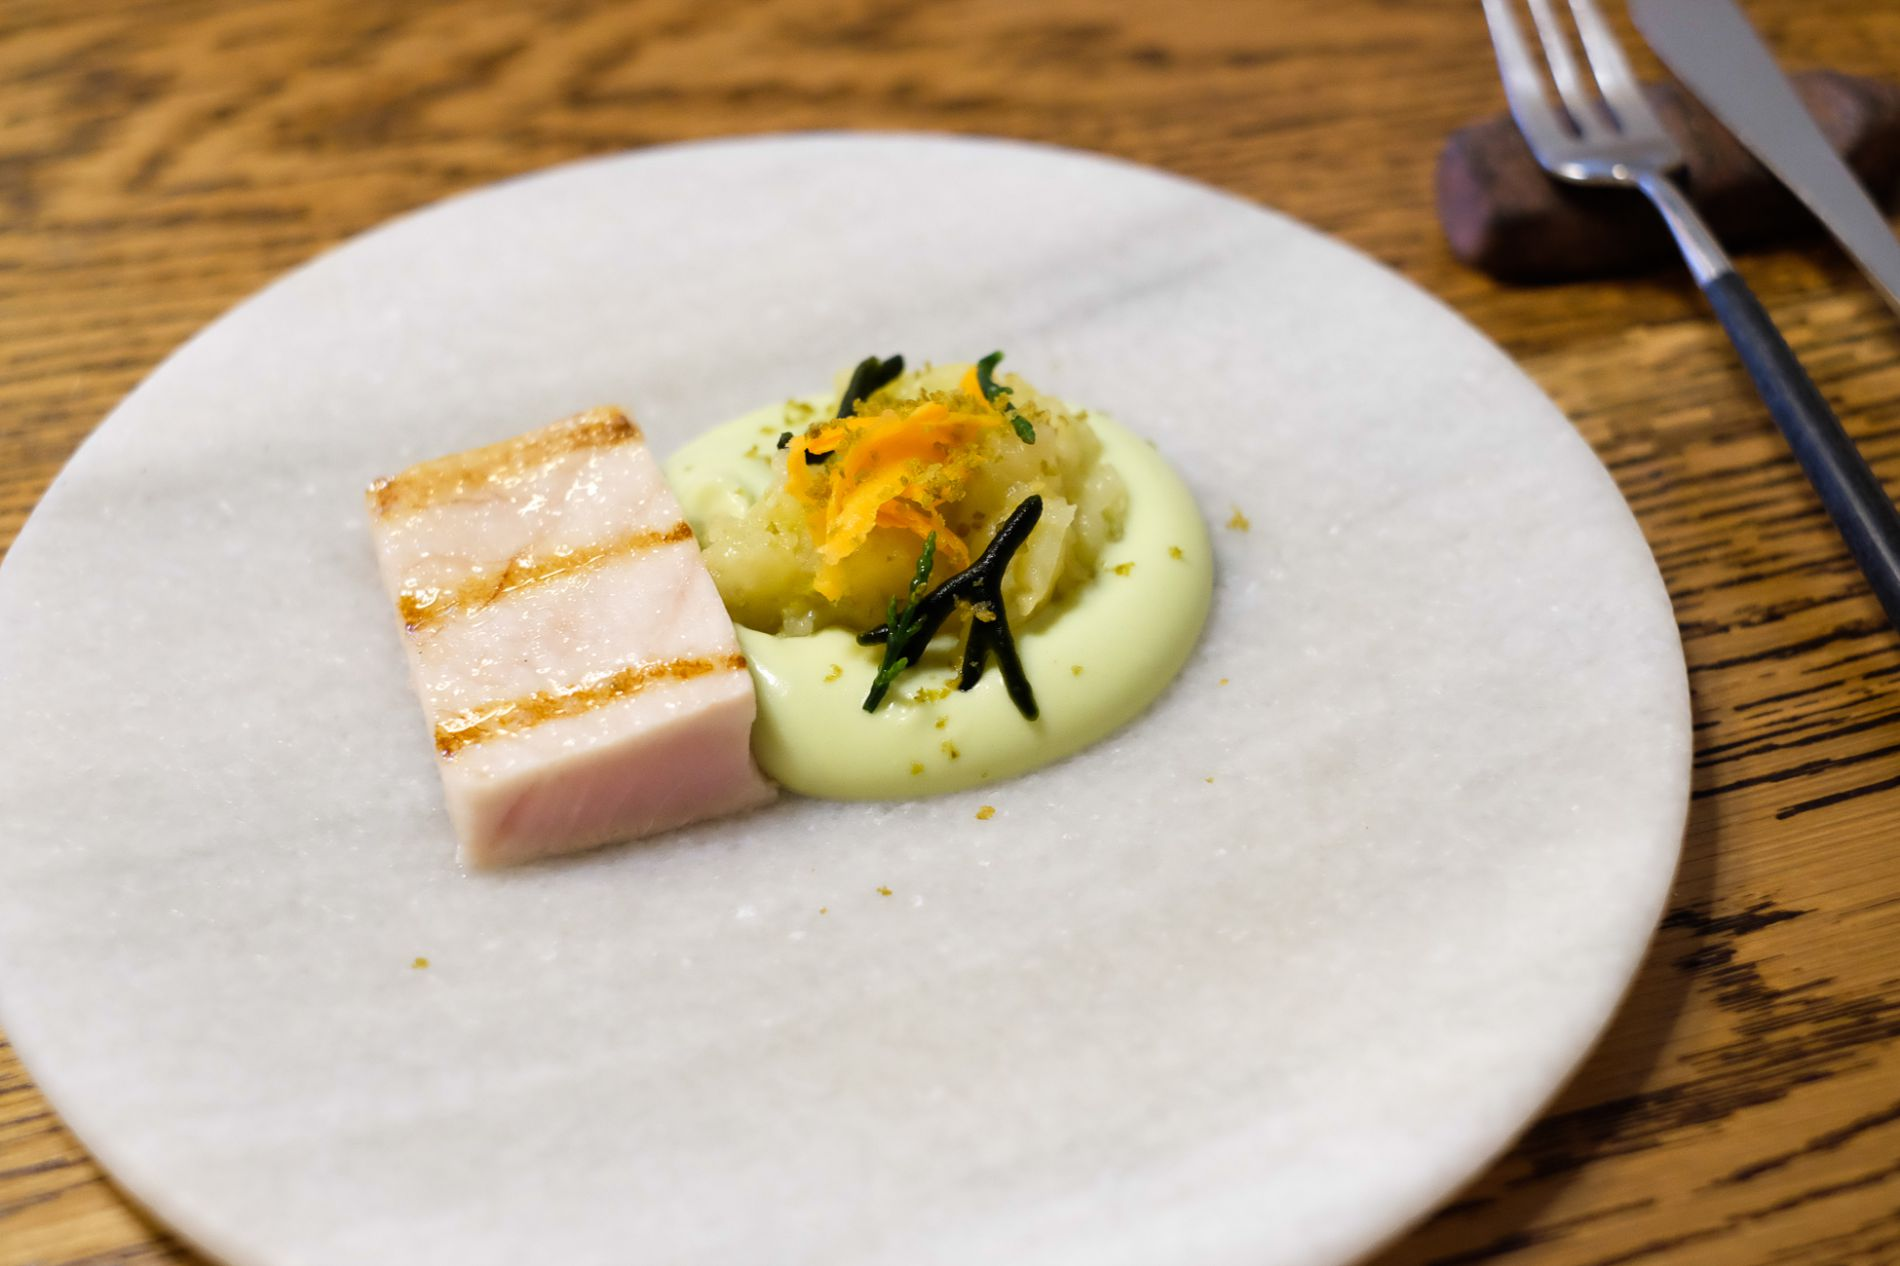 Restaurante 'Maruja Limón': bonito con mayonesa de pimientos de Padrón